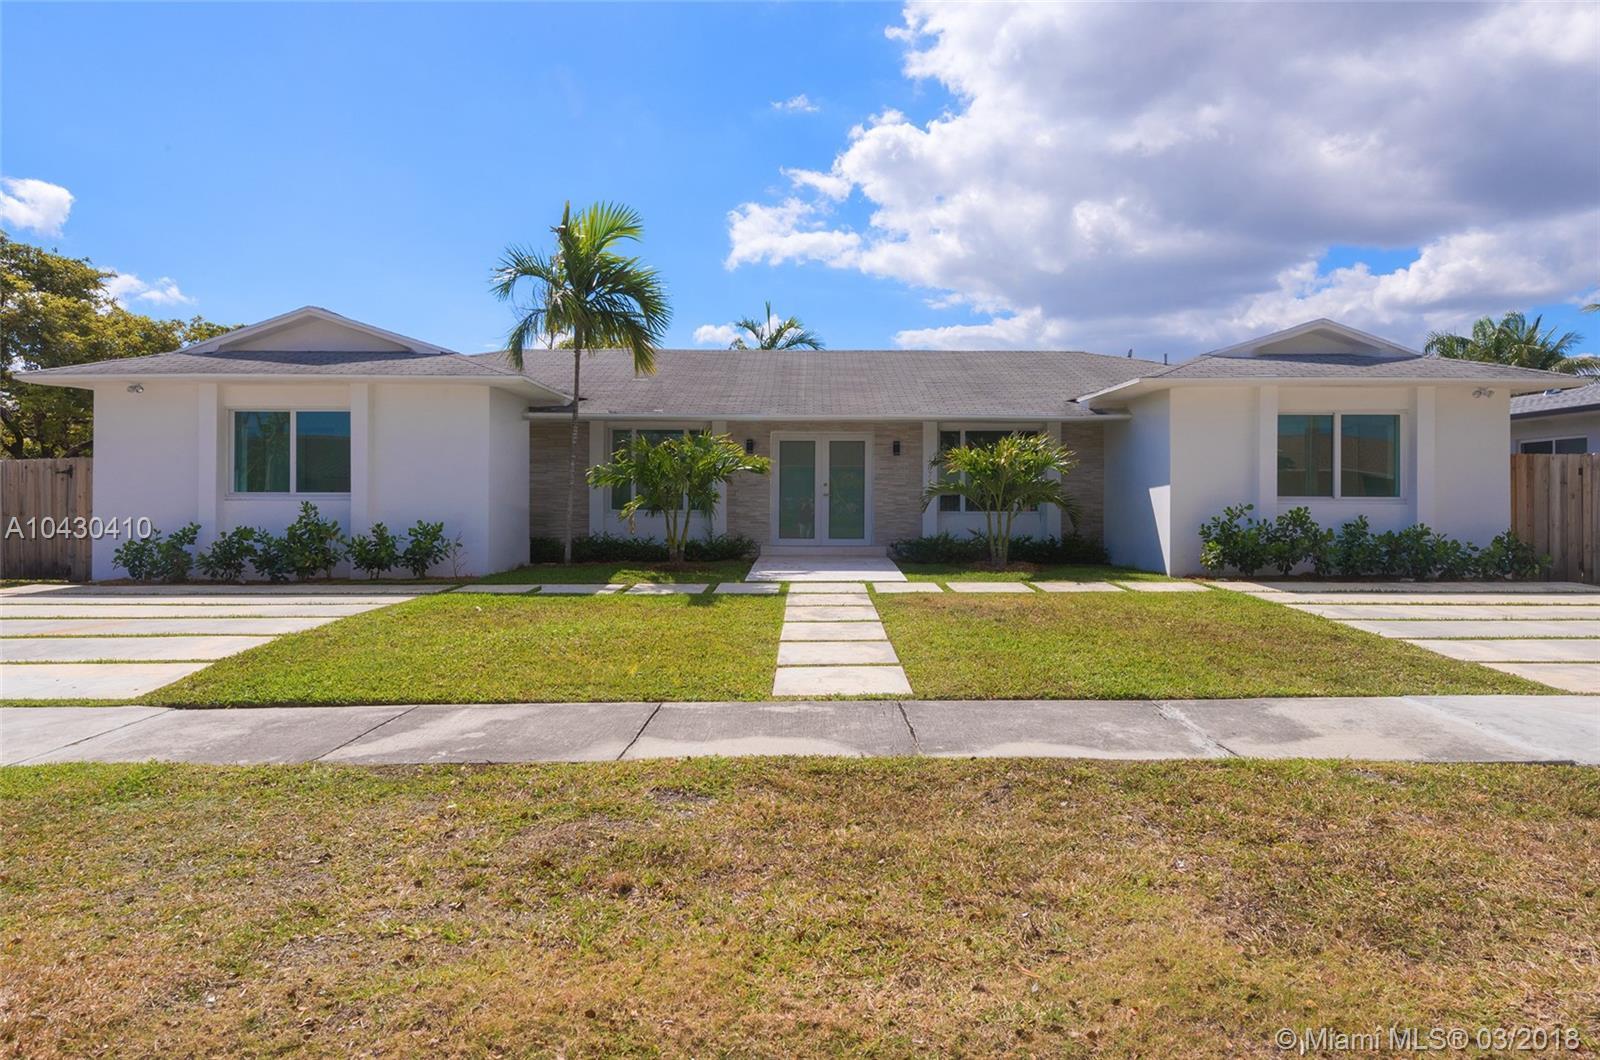 1874 Ne 214th Ter, Miami FL, 33179